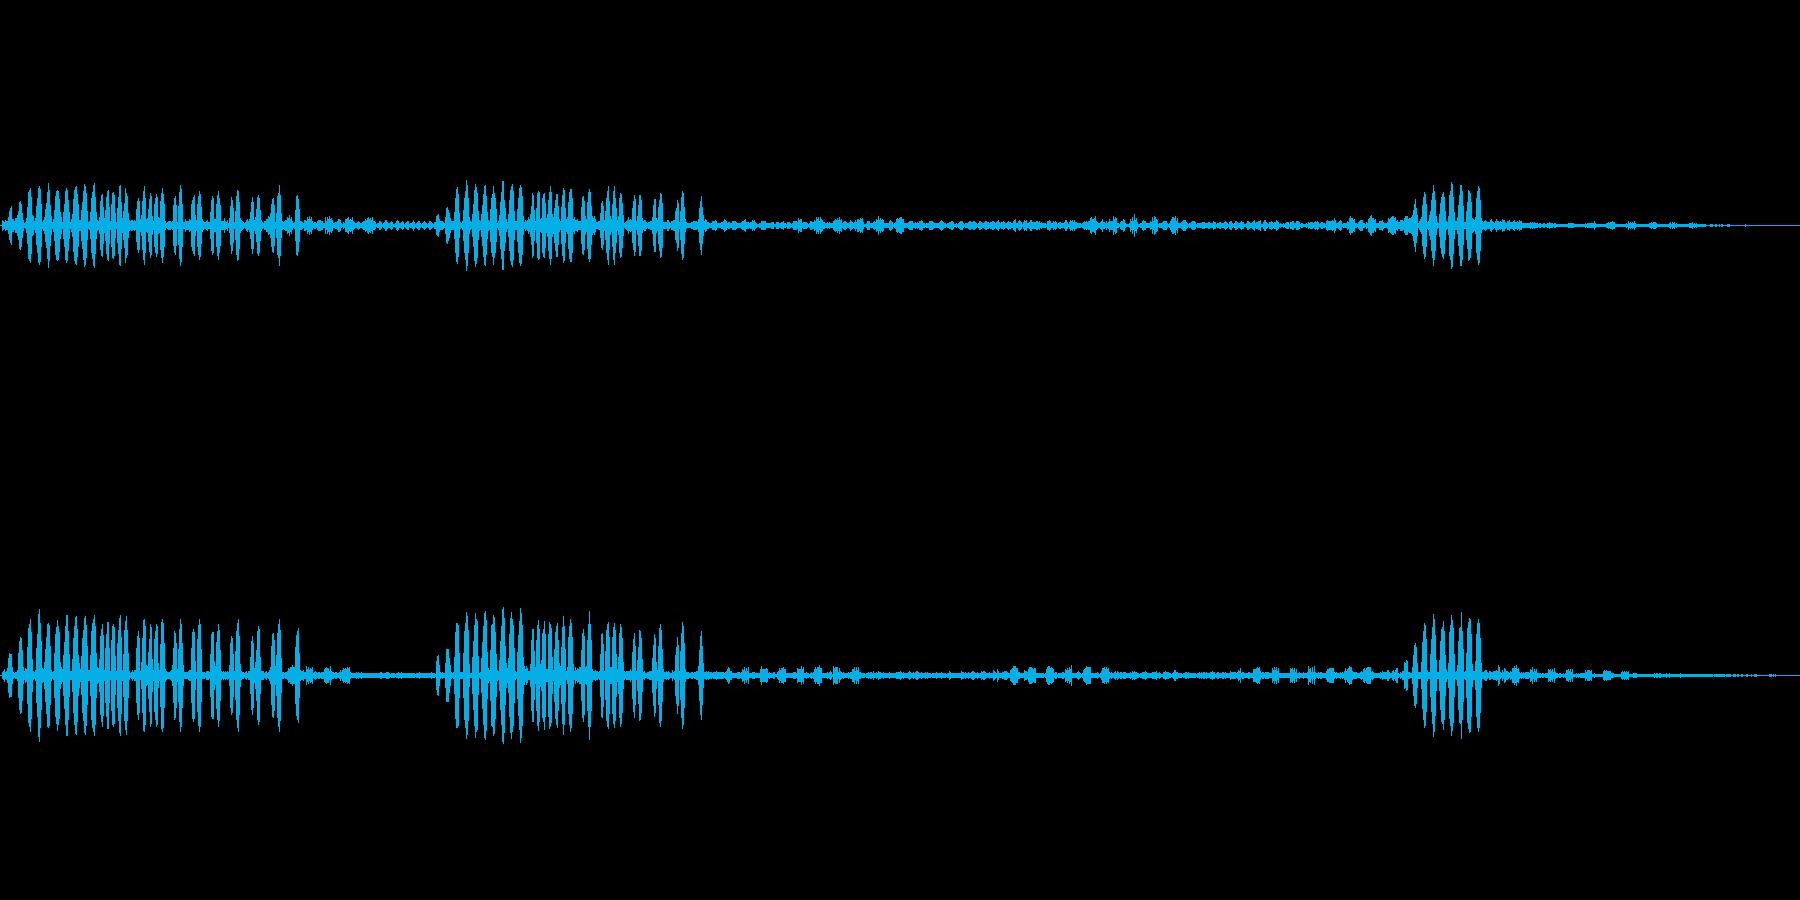 鈴虫,コオロギが鳴く秋の夜の効果音!02の再生済みの波形